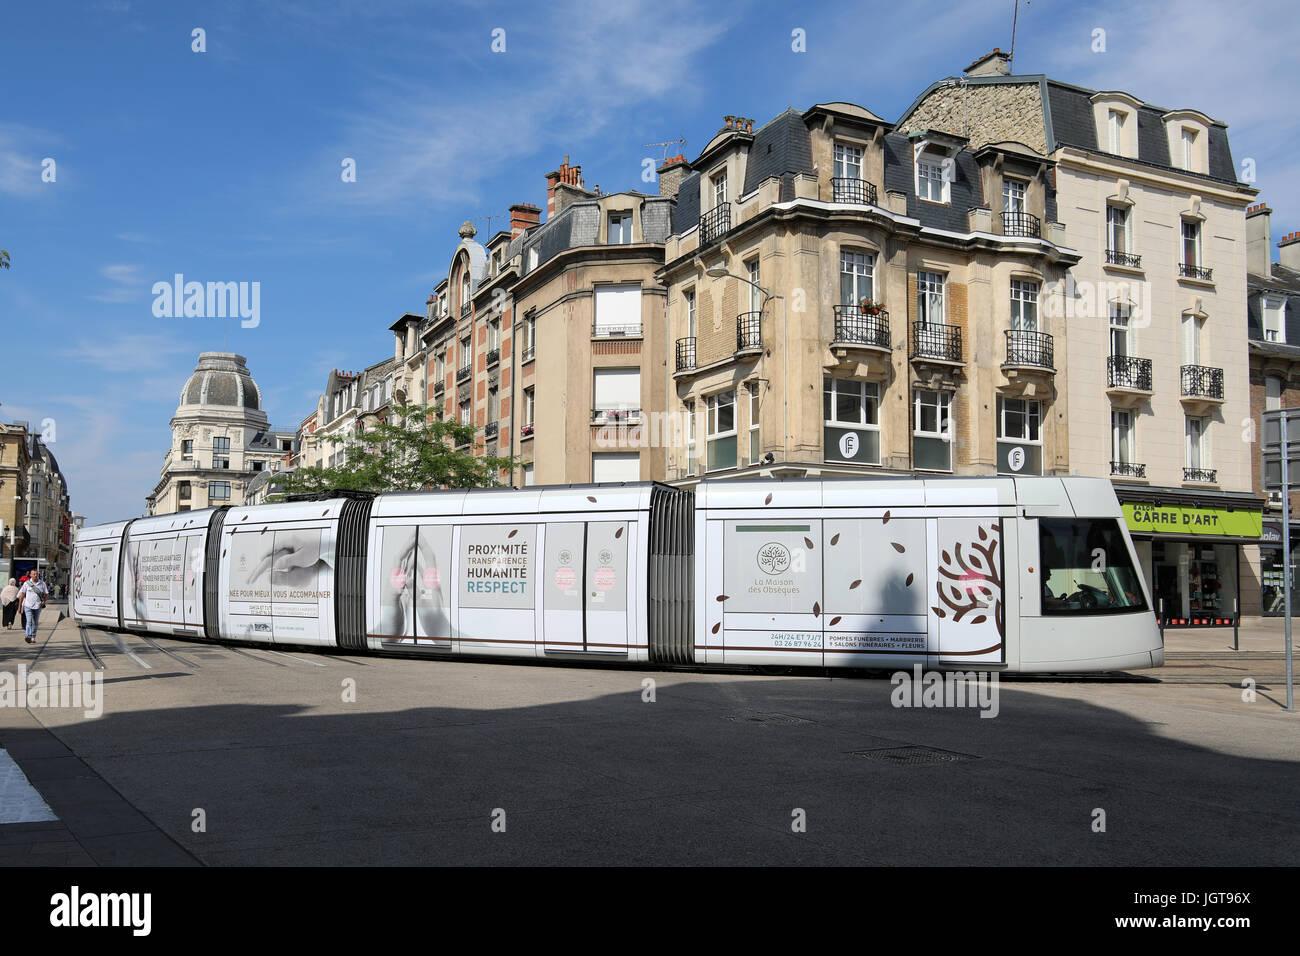 Un tram tours de la Place Myron Herrick sur le cours Jean-Baptiste Langlet dans le centre de Reims, France. Banque D'Images